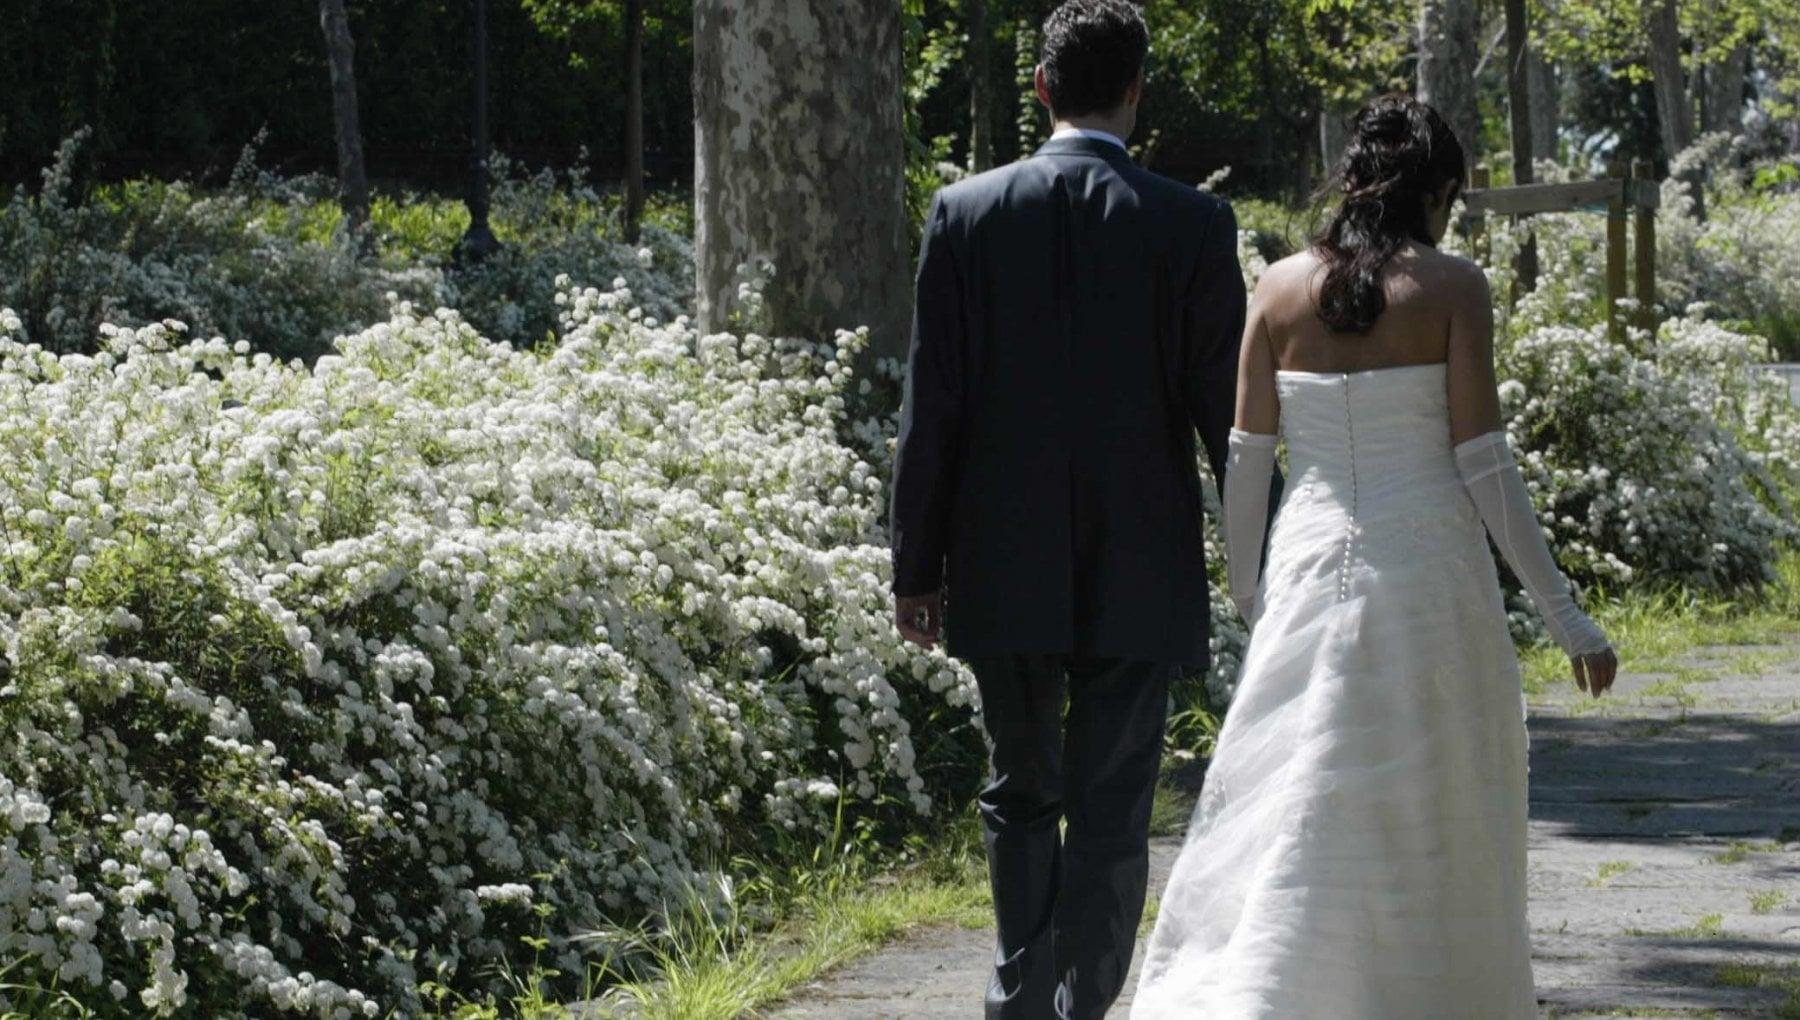 """220048564 5090d4ce 8152 41cb 84c5 637c72df14a9 - La coppia di Firenze: """"Ci sposiamo il 20 giugno, con noi già vaccinati la festa sarà più bella"""""""